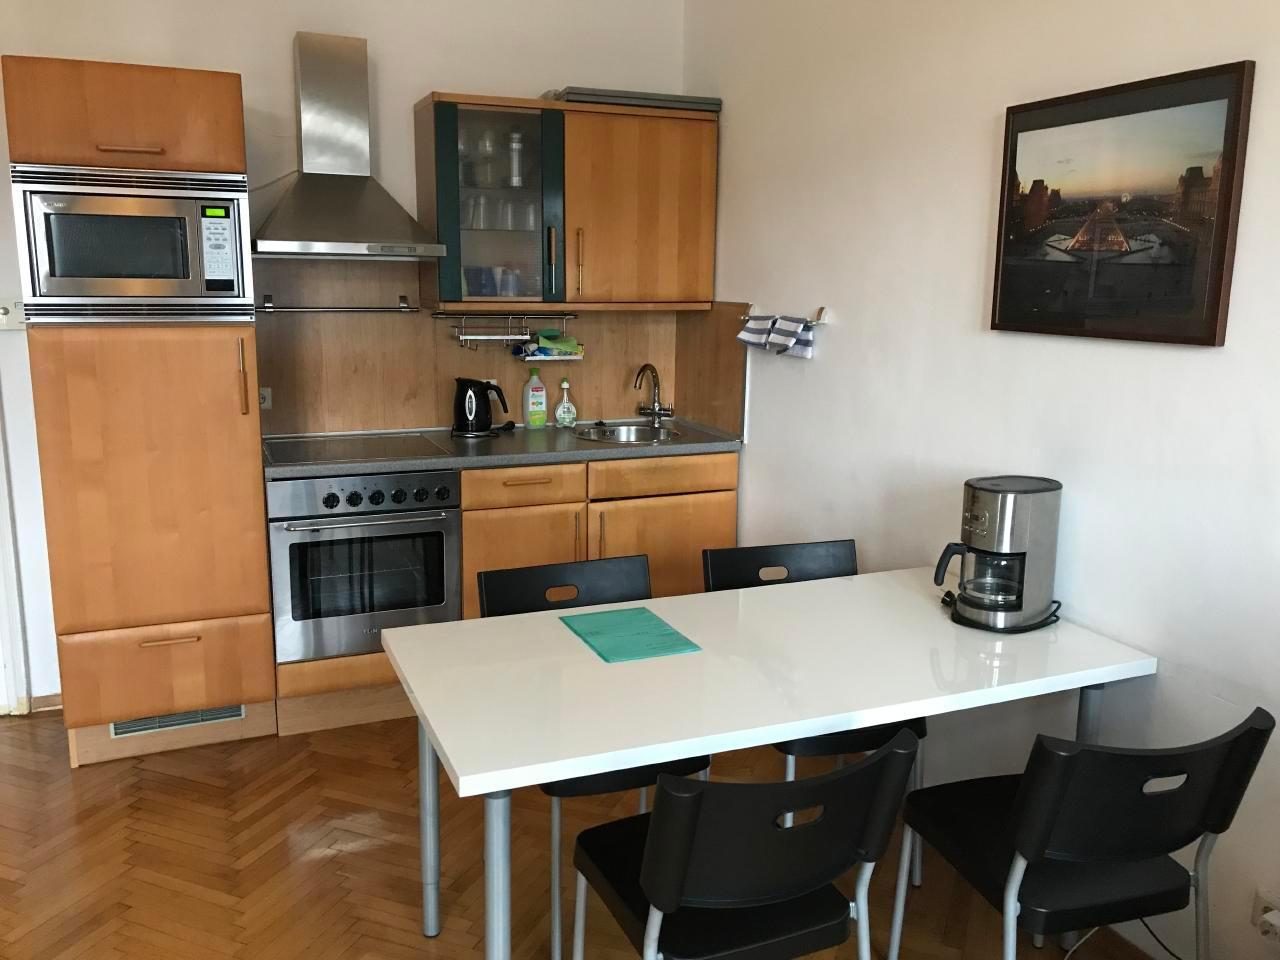 Appartement de vacances Ferienwohnung (359405), Vienne, , Vienne, Autriche, image 6